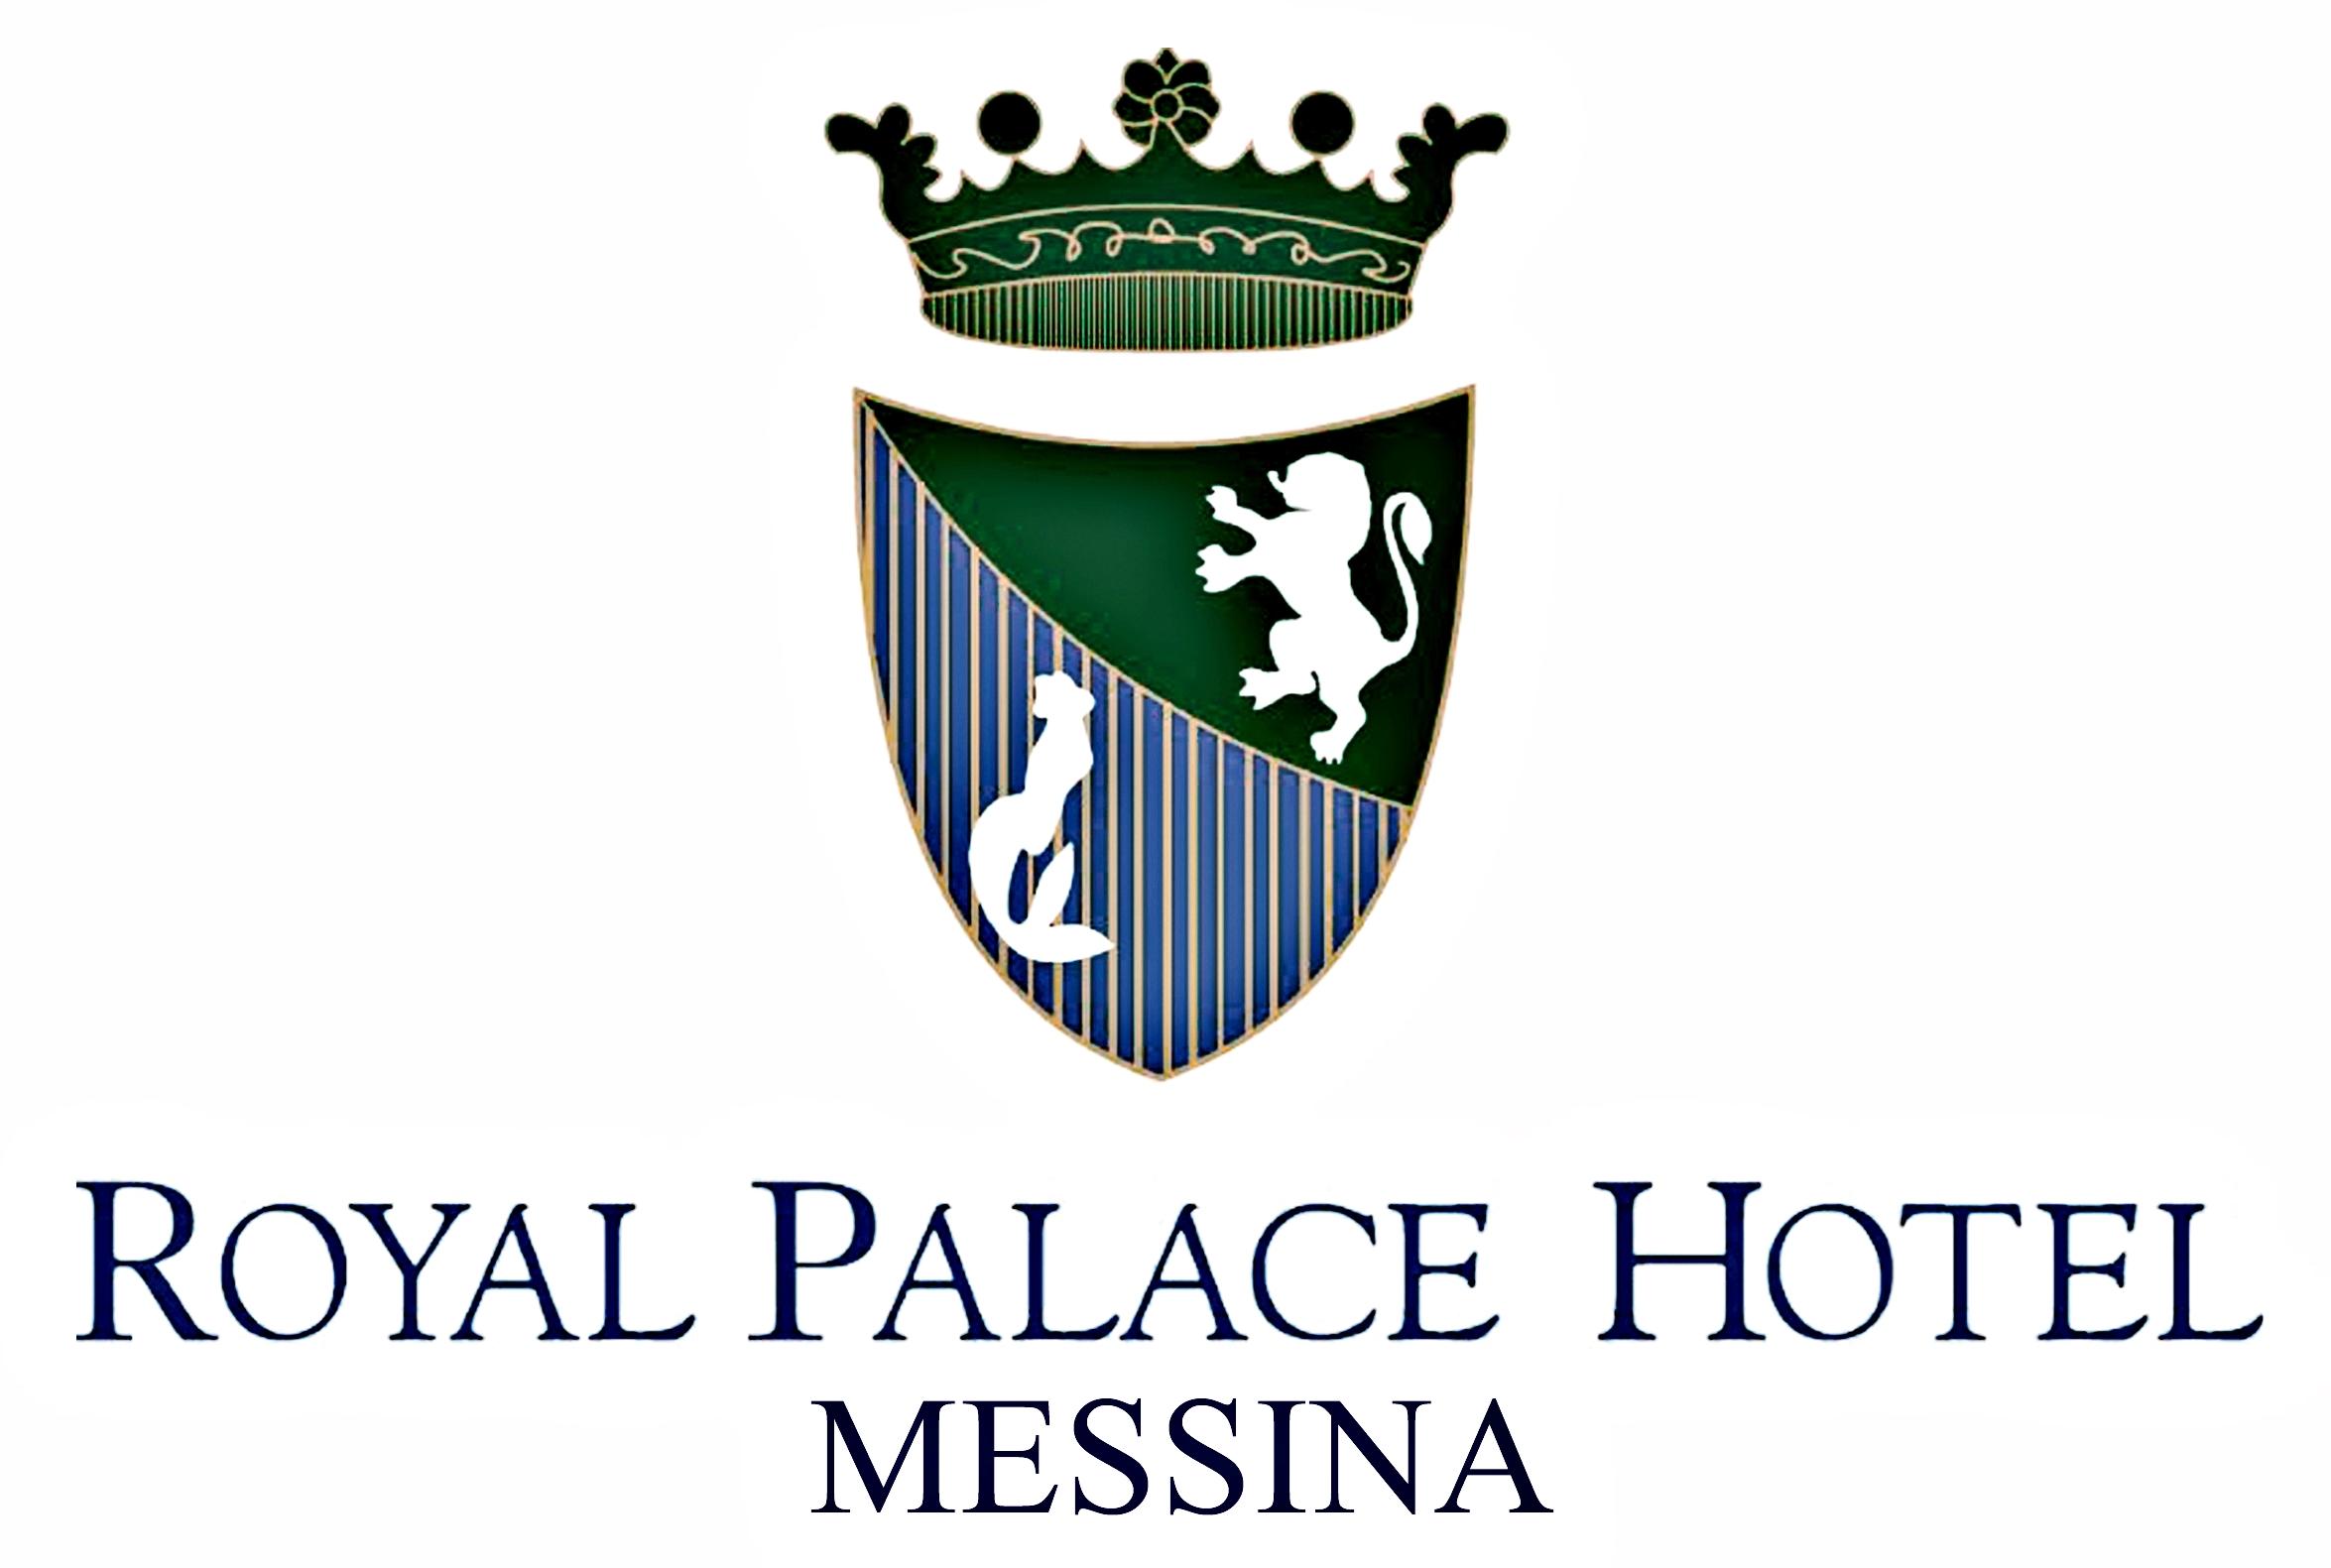 logo_royal_palace_hotel